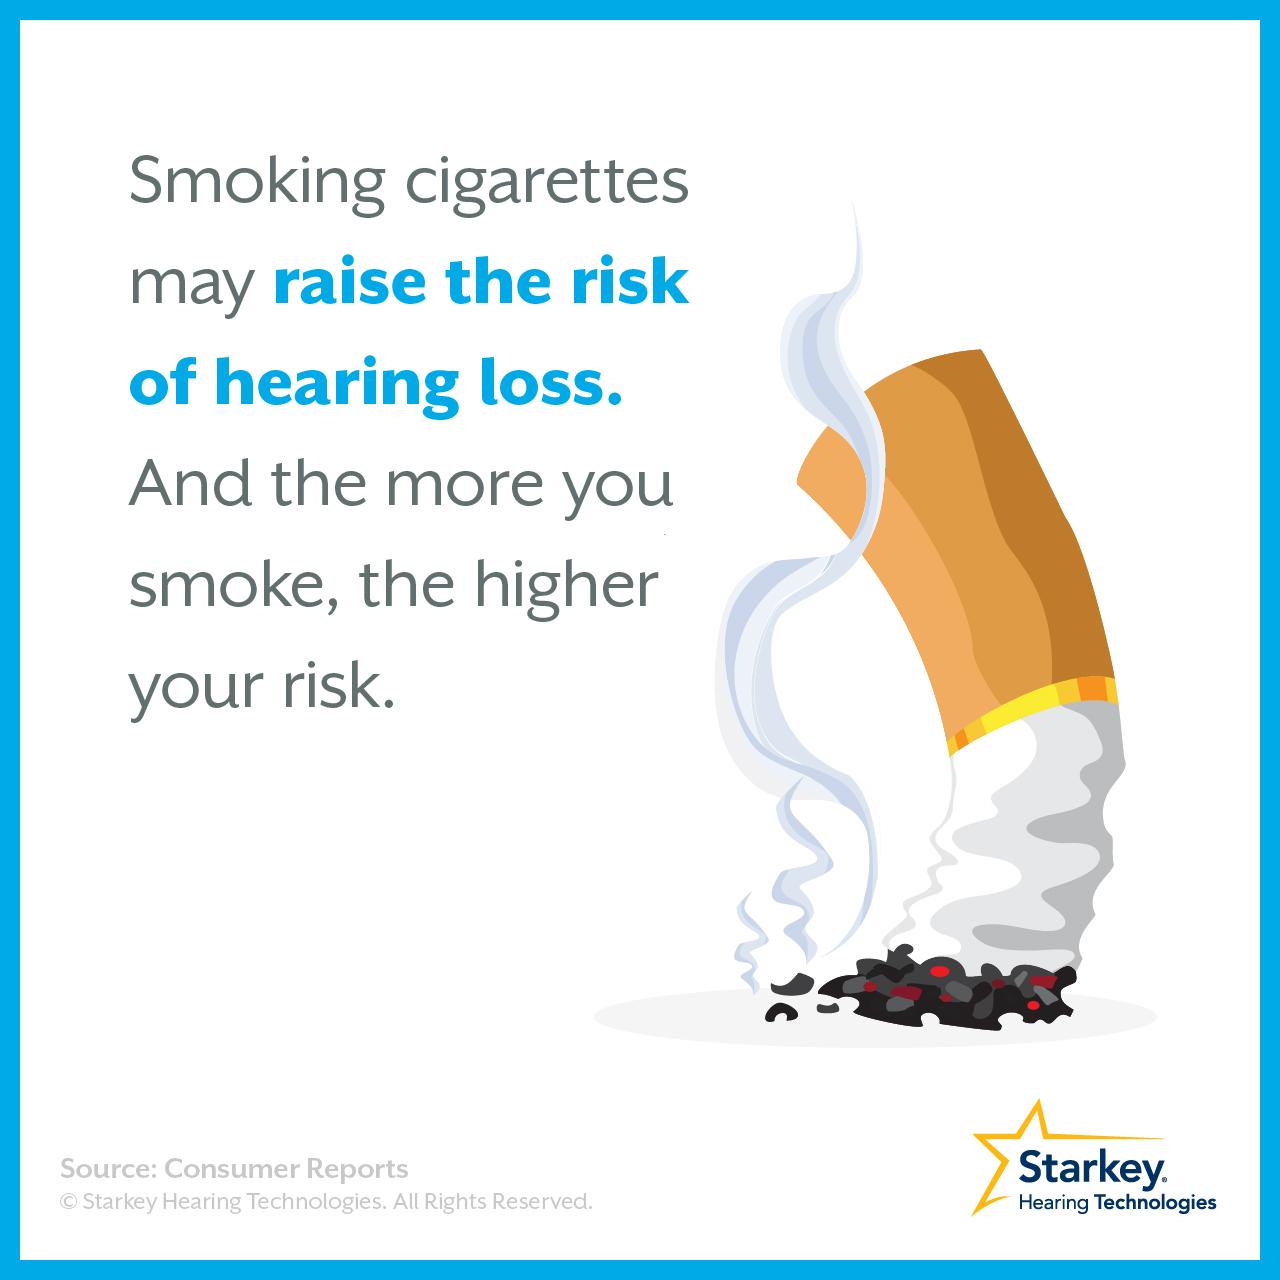 タバコは難聴のリスクを増加させます